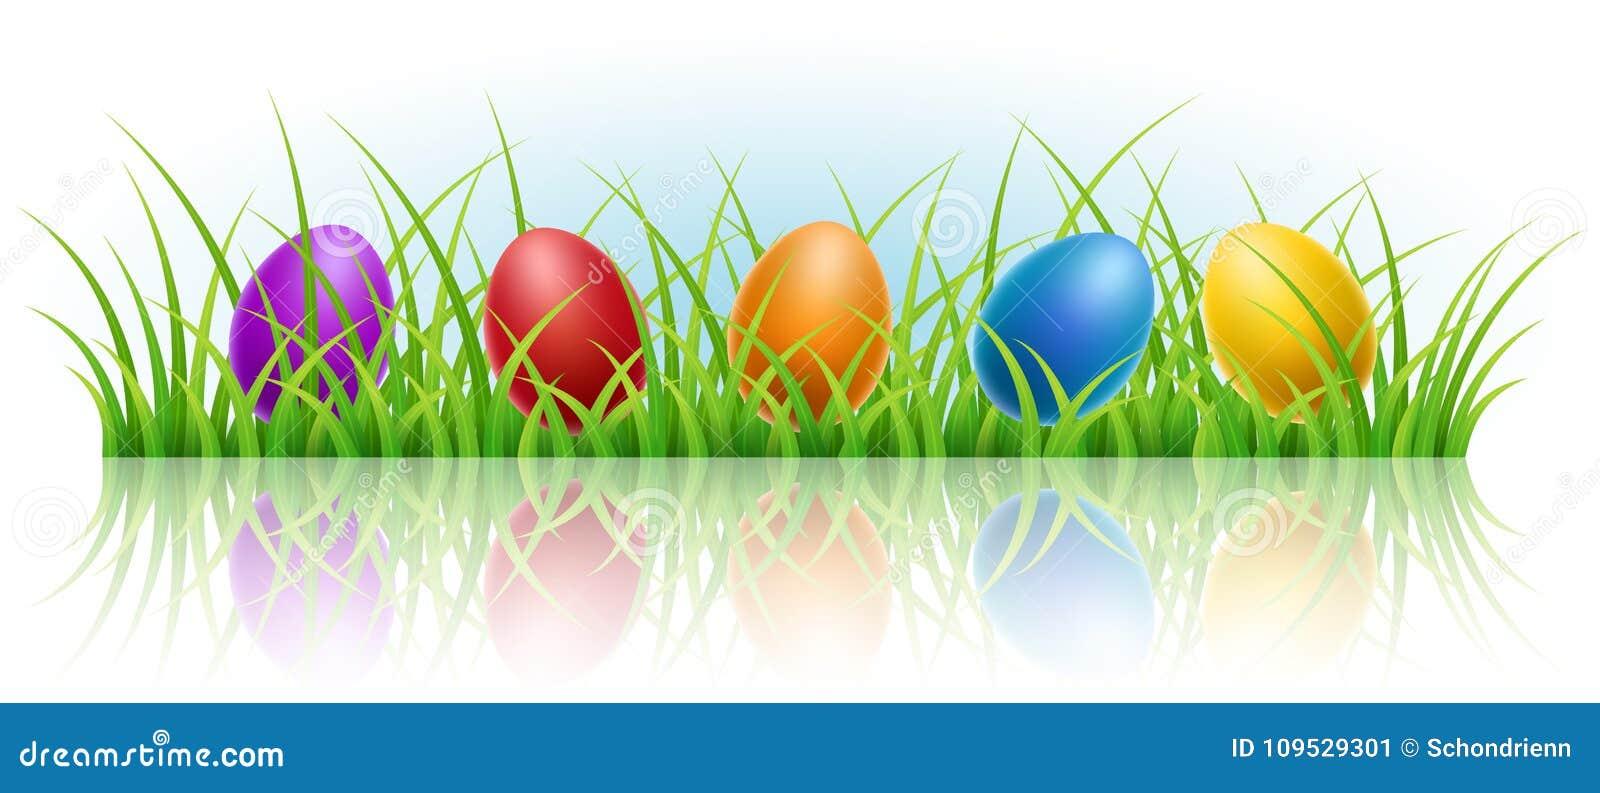 Horyzontalny sztandar z Wielkanocnymi jajkami w trawie